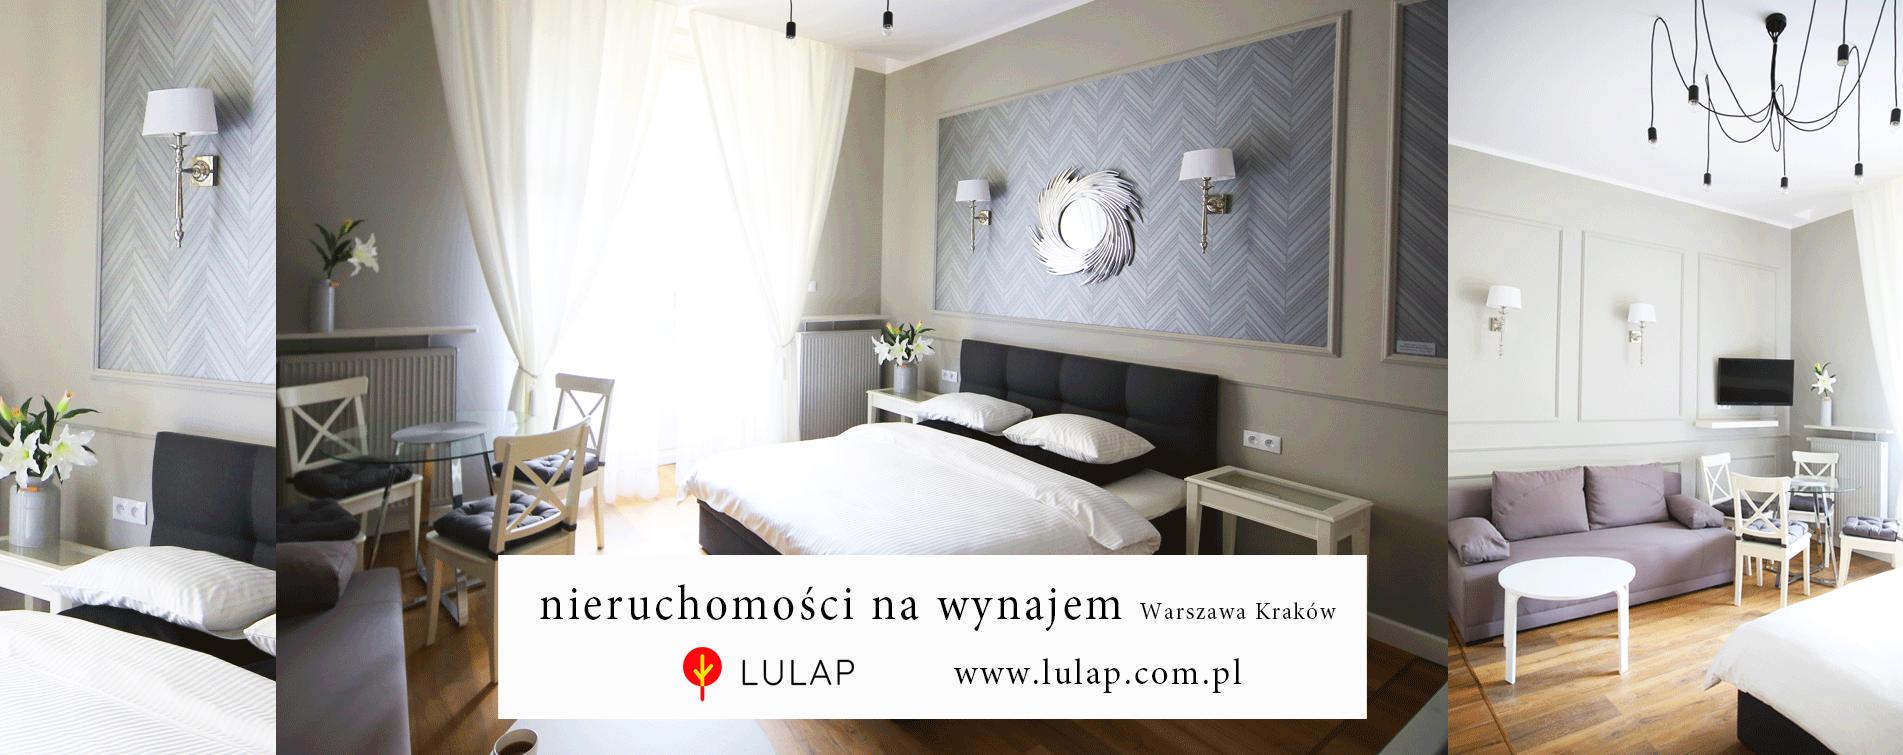 nieruchomosci_na_wynajem_krakow.png